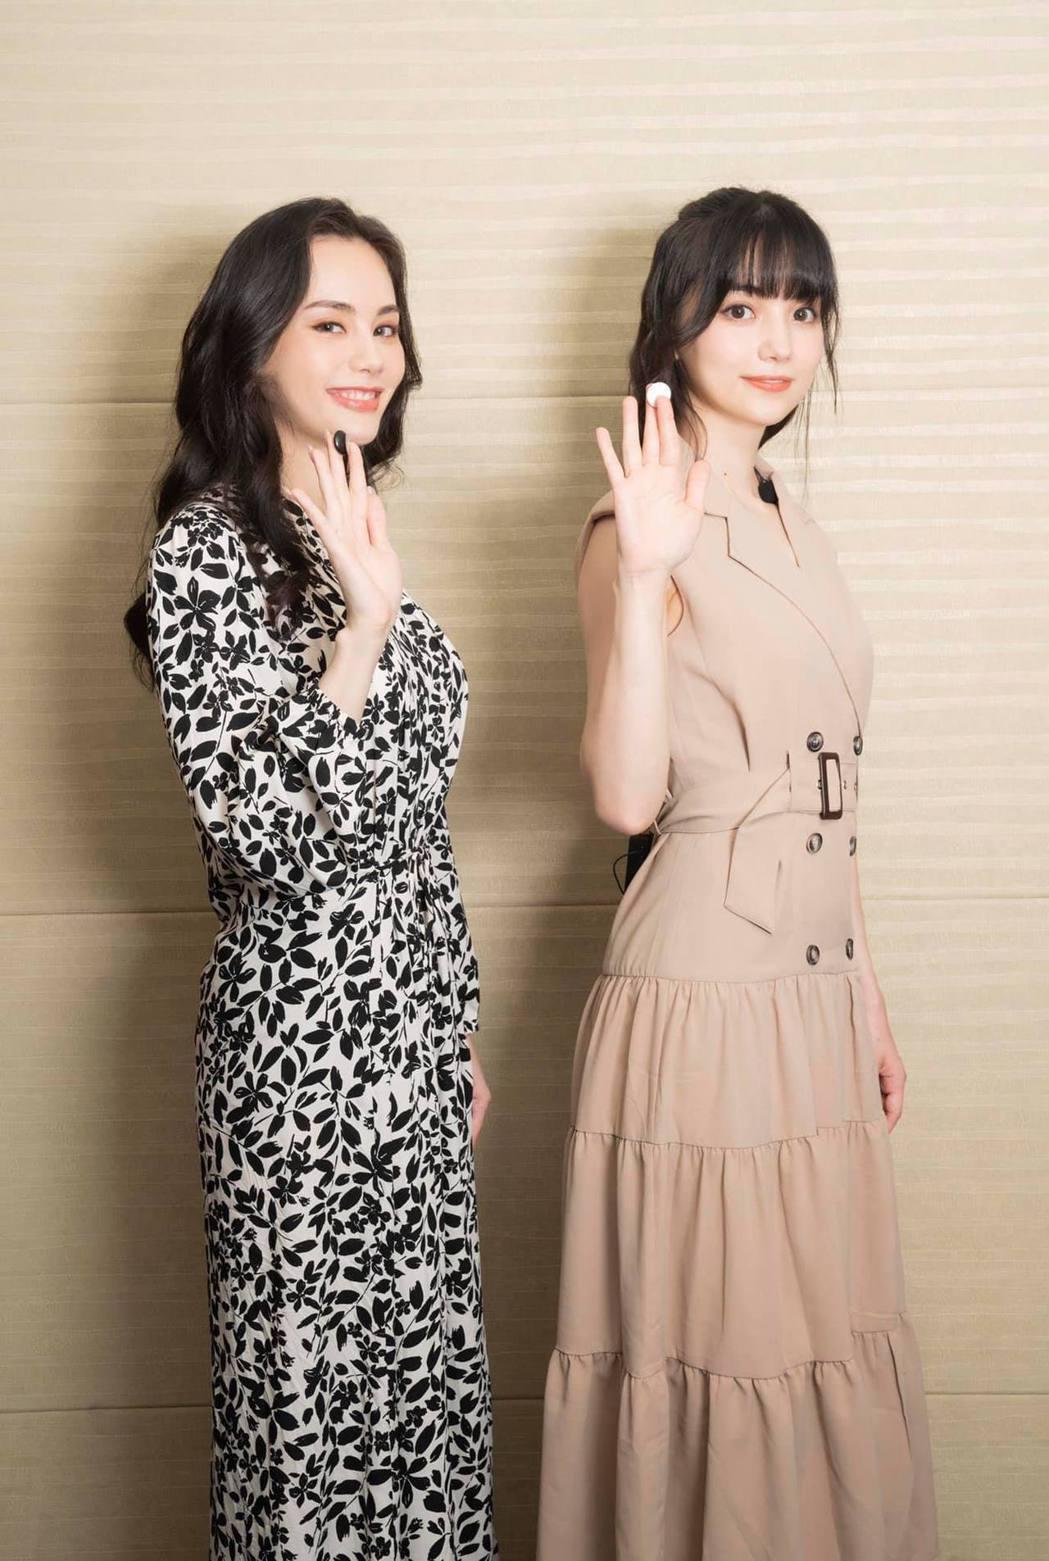 黑嘉嘉與姊姊黑萱萱。圖/擷自臉書